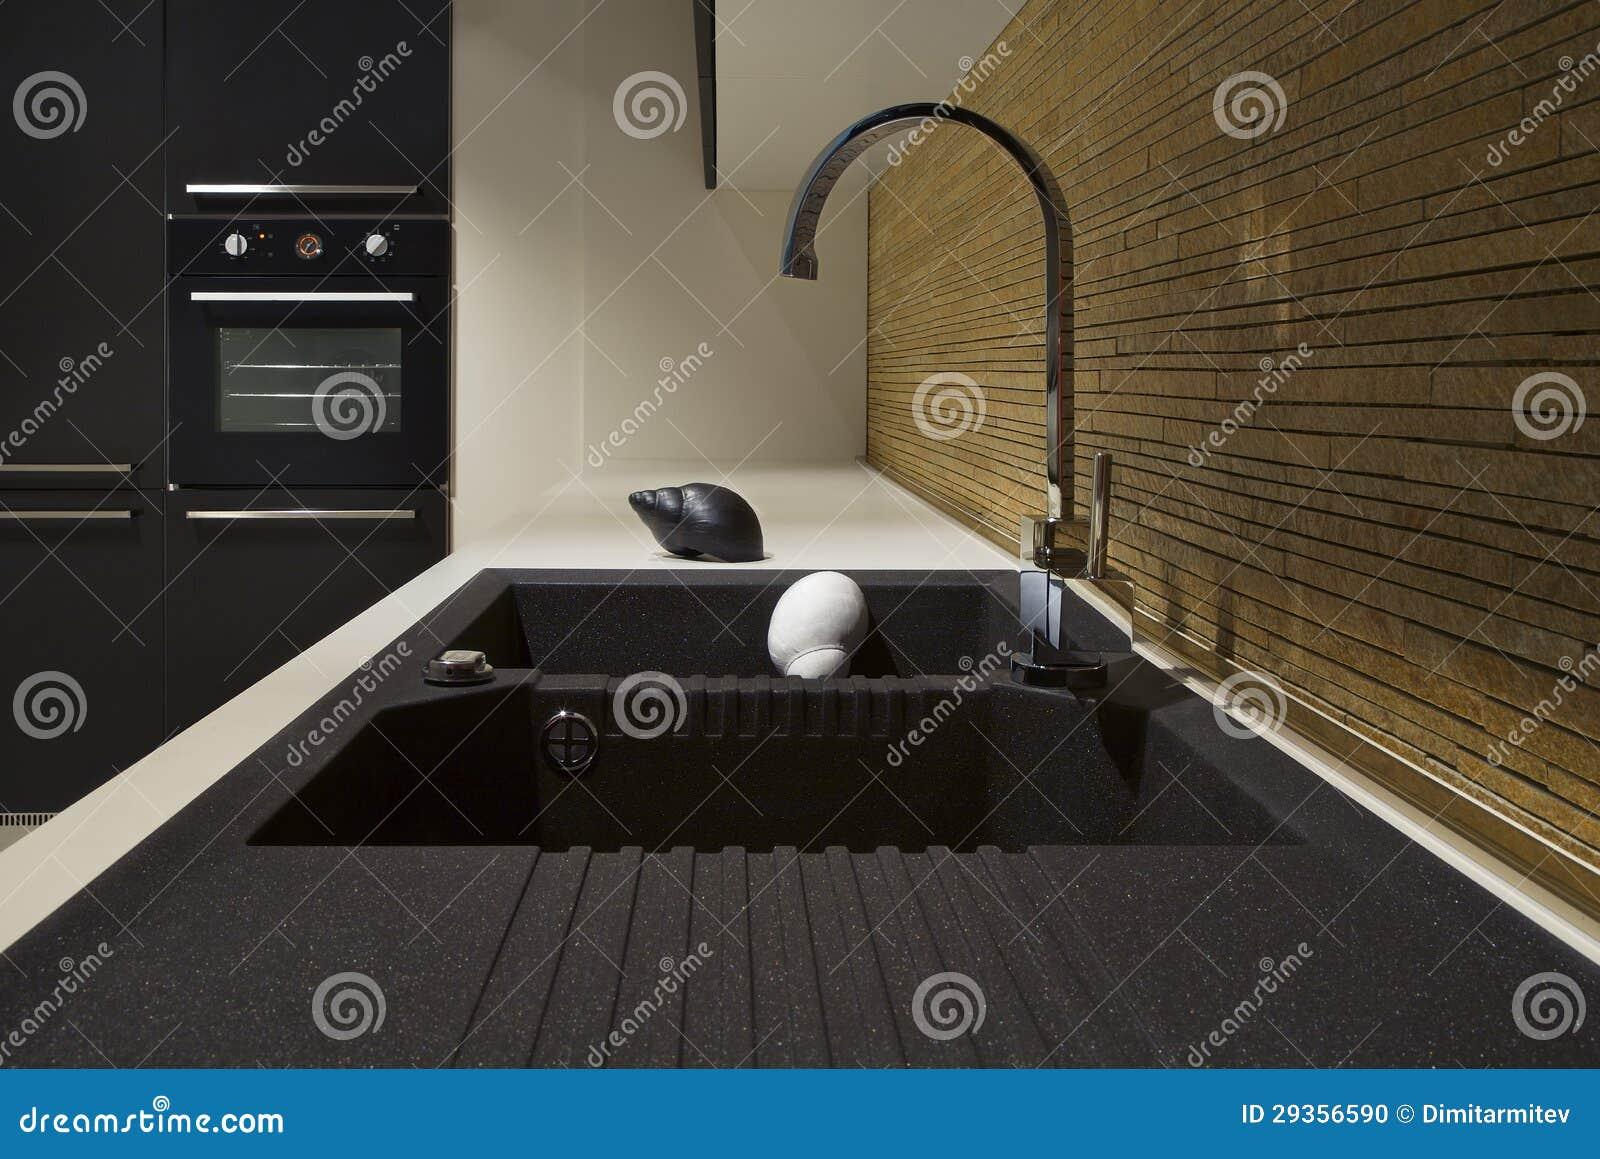 Zwart Keuken Fornuis : Detail van een zwart modern keuken en een hout stock foto